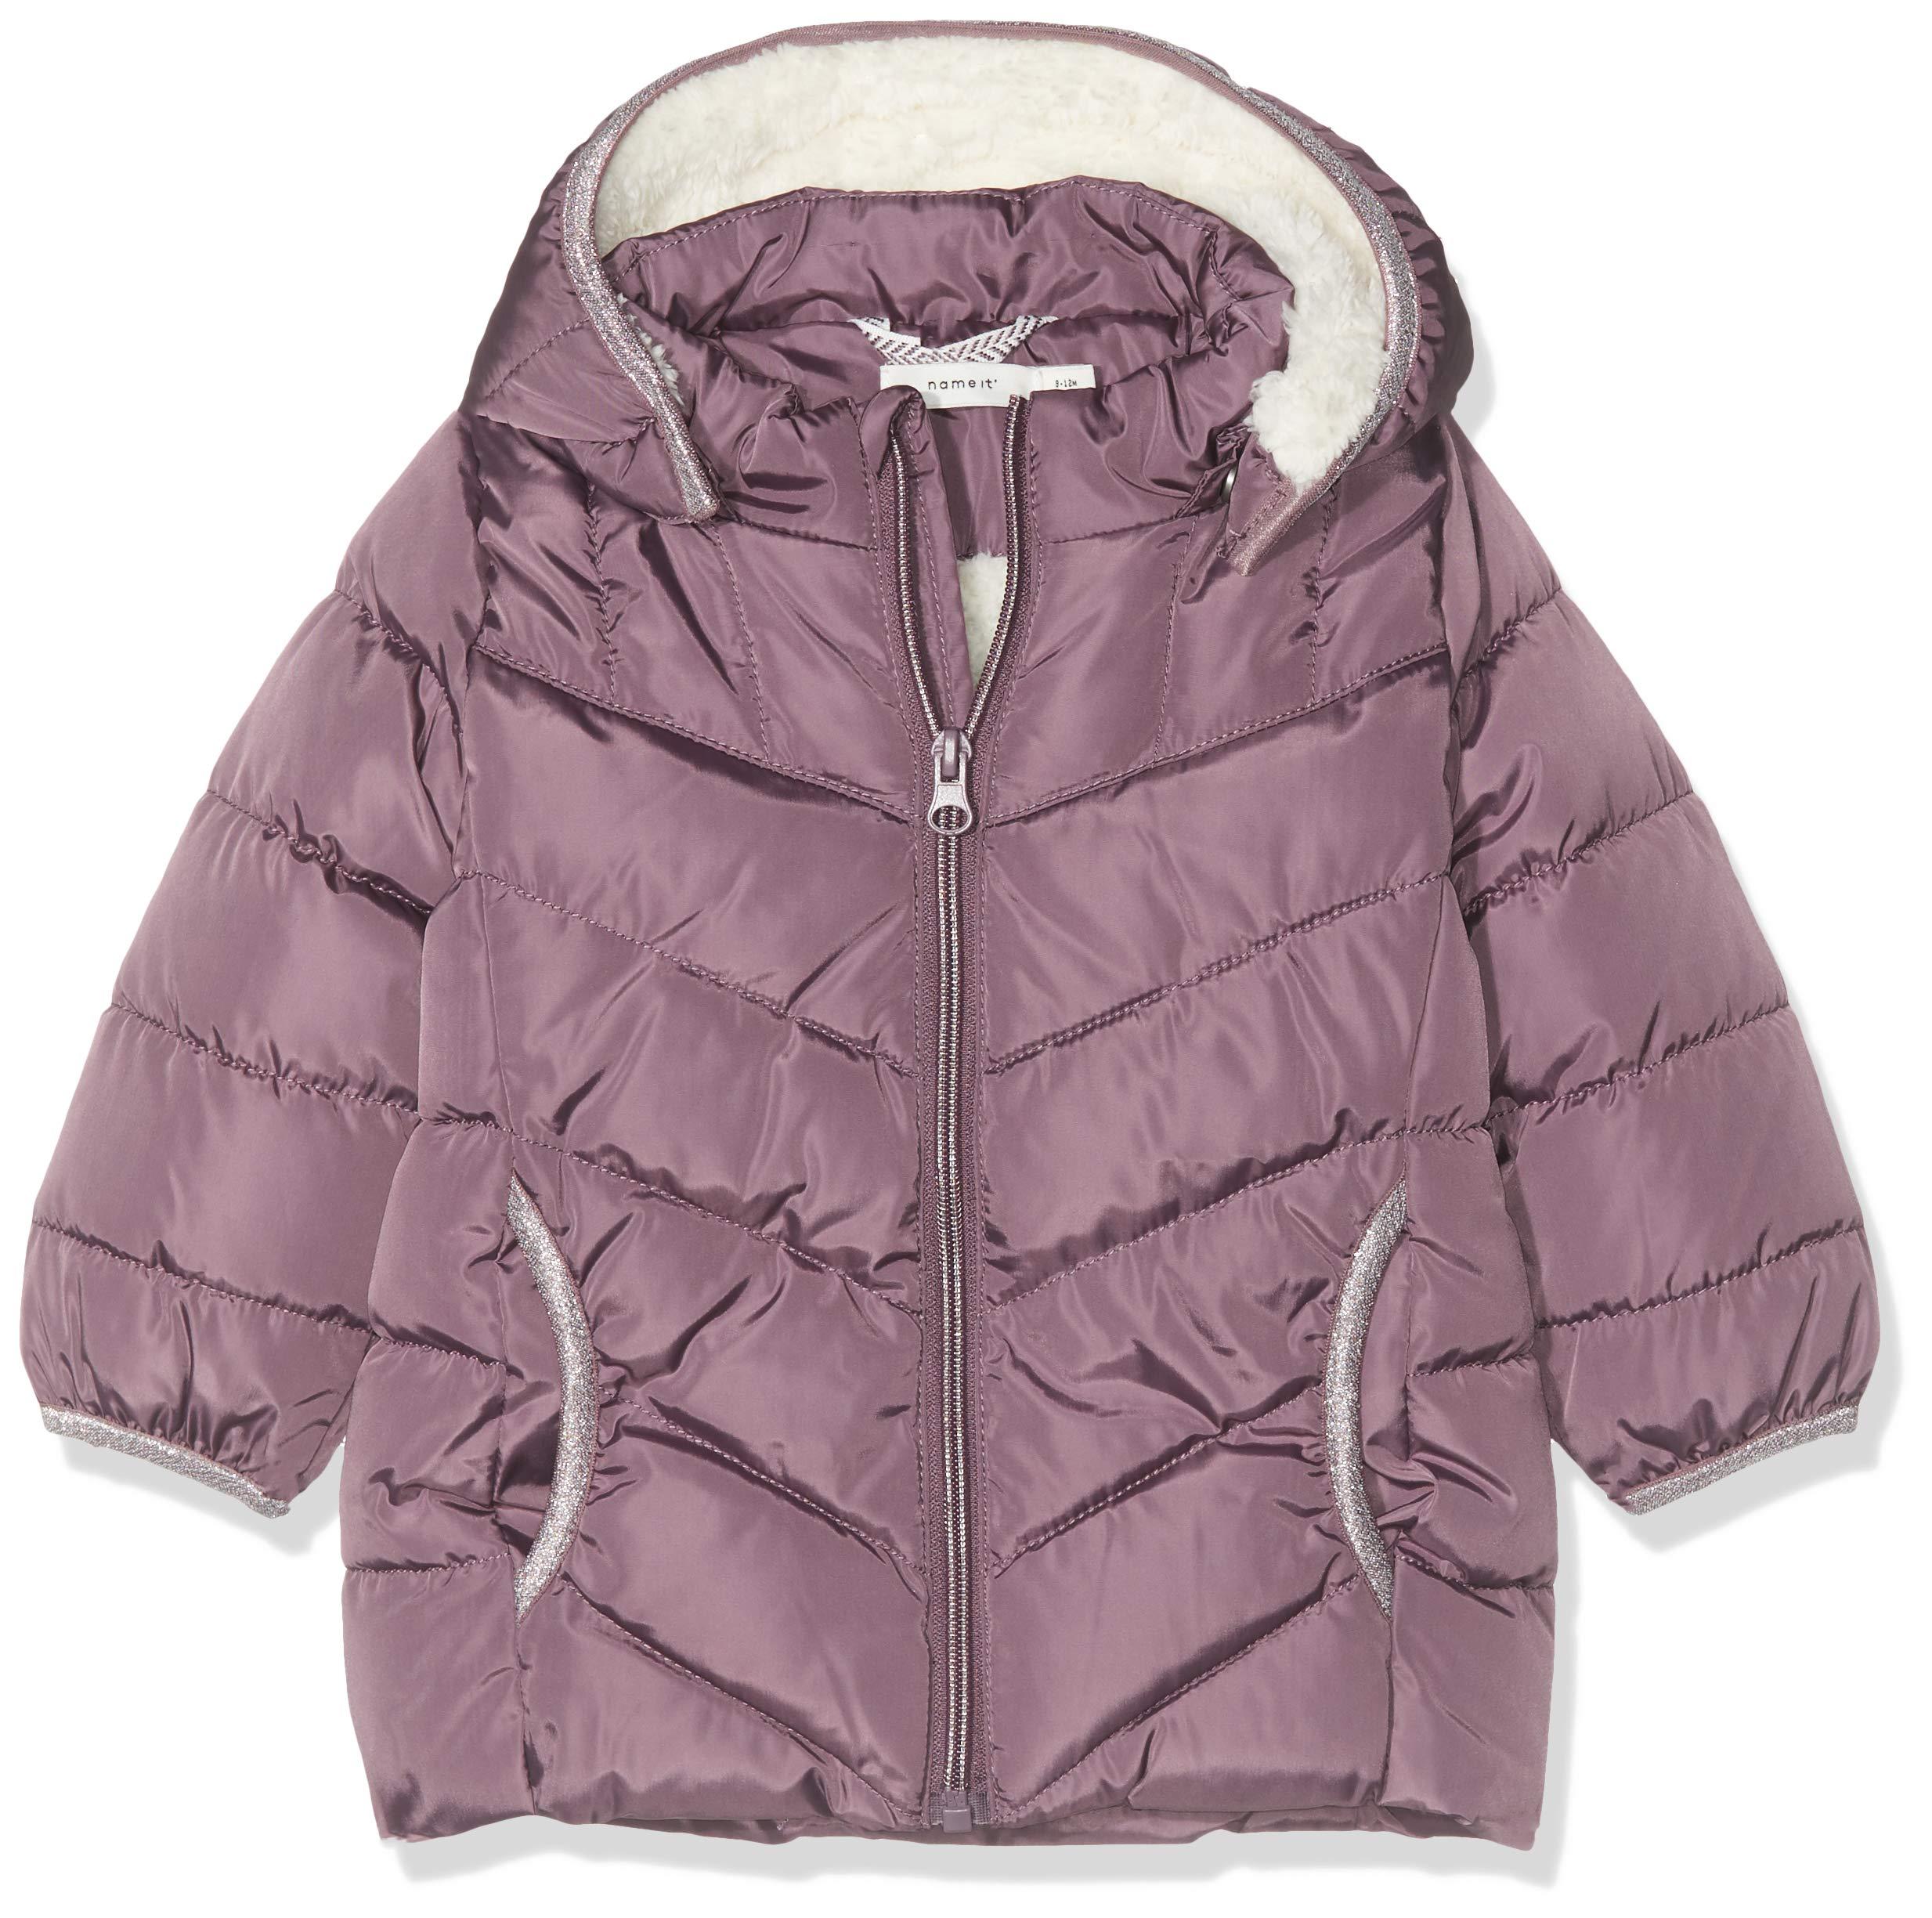 NAME IT Nbfmus Puffer Jacket Camp Chaqueta para Bebés 1